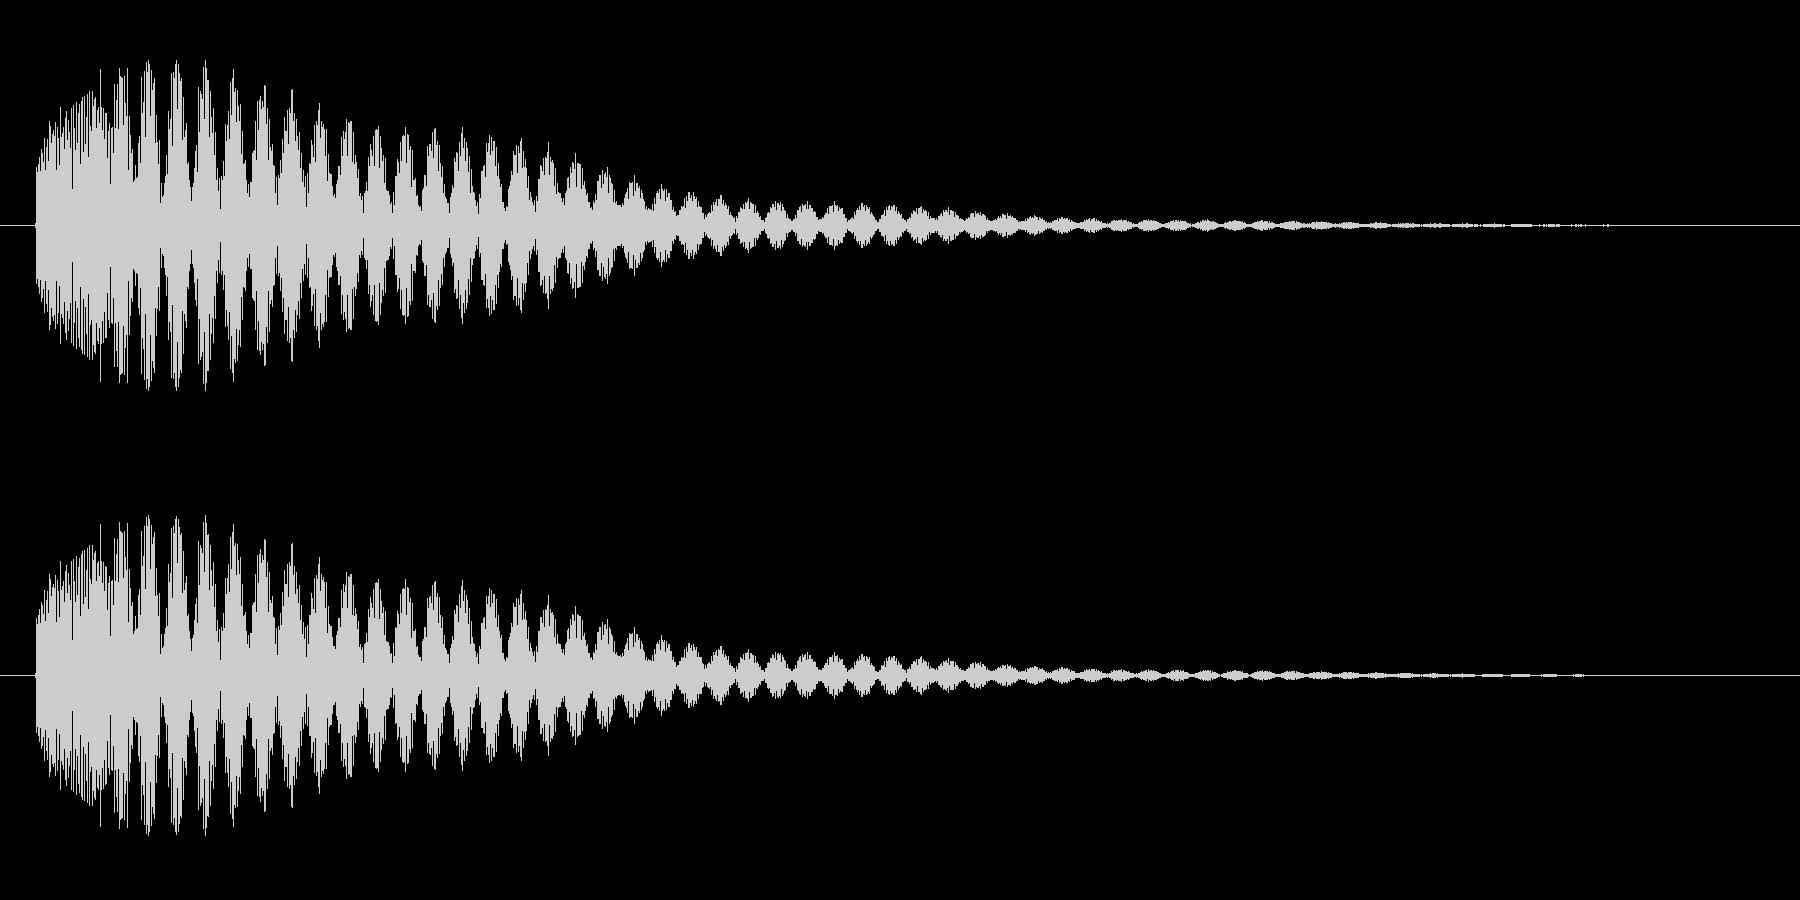 ピ〜ン(エレベーターの到着チャイム音)の未再生の波形